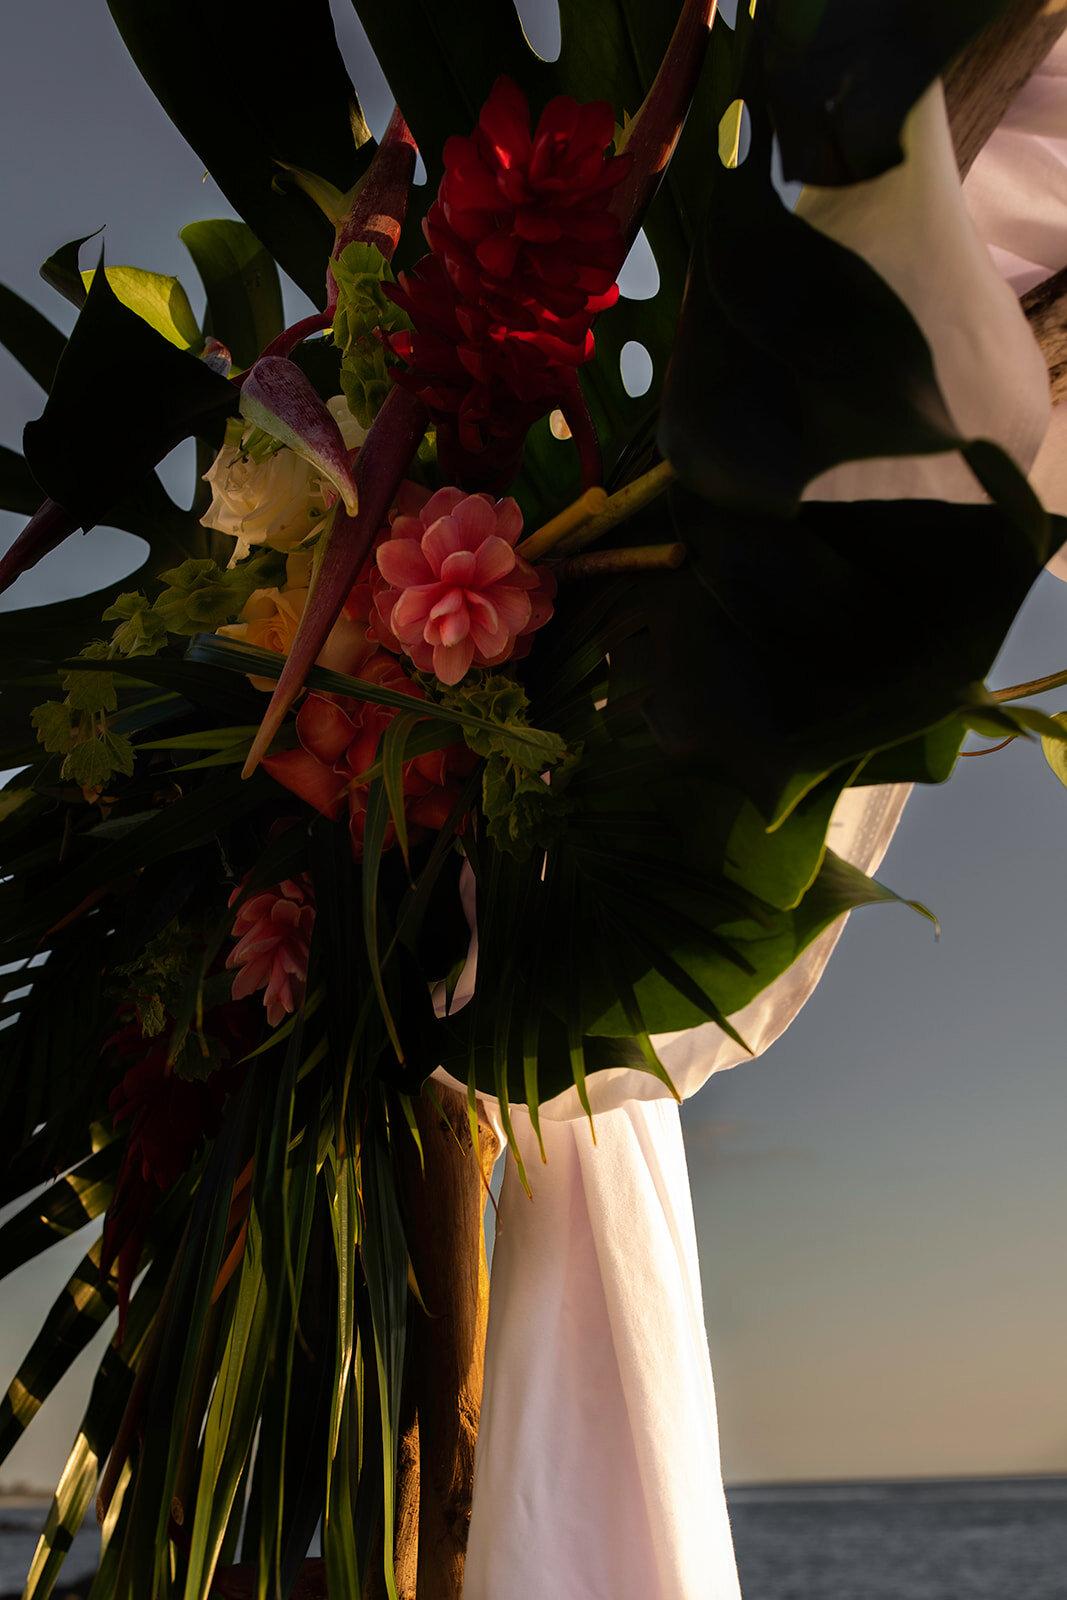 Organisation renouvellement des voeux A et S _ MRevenement wedding planner à la Réunion (5).jpg